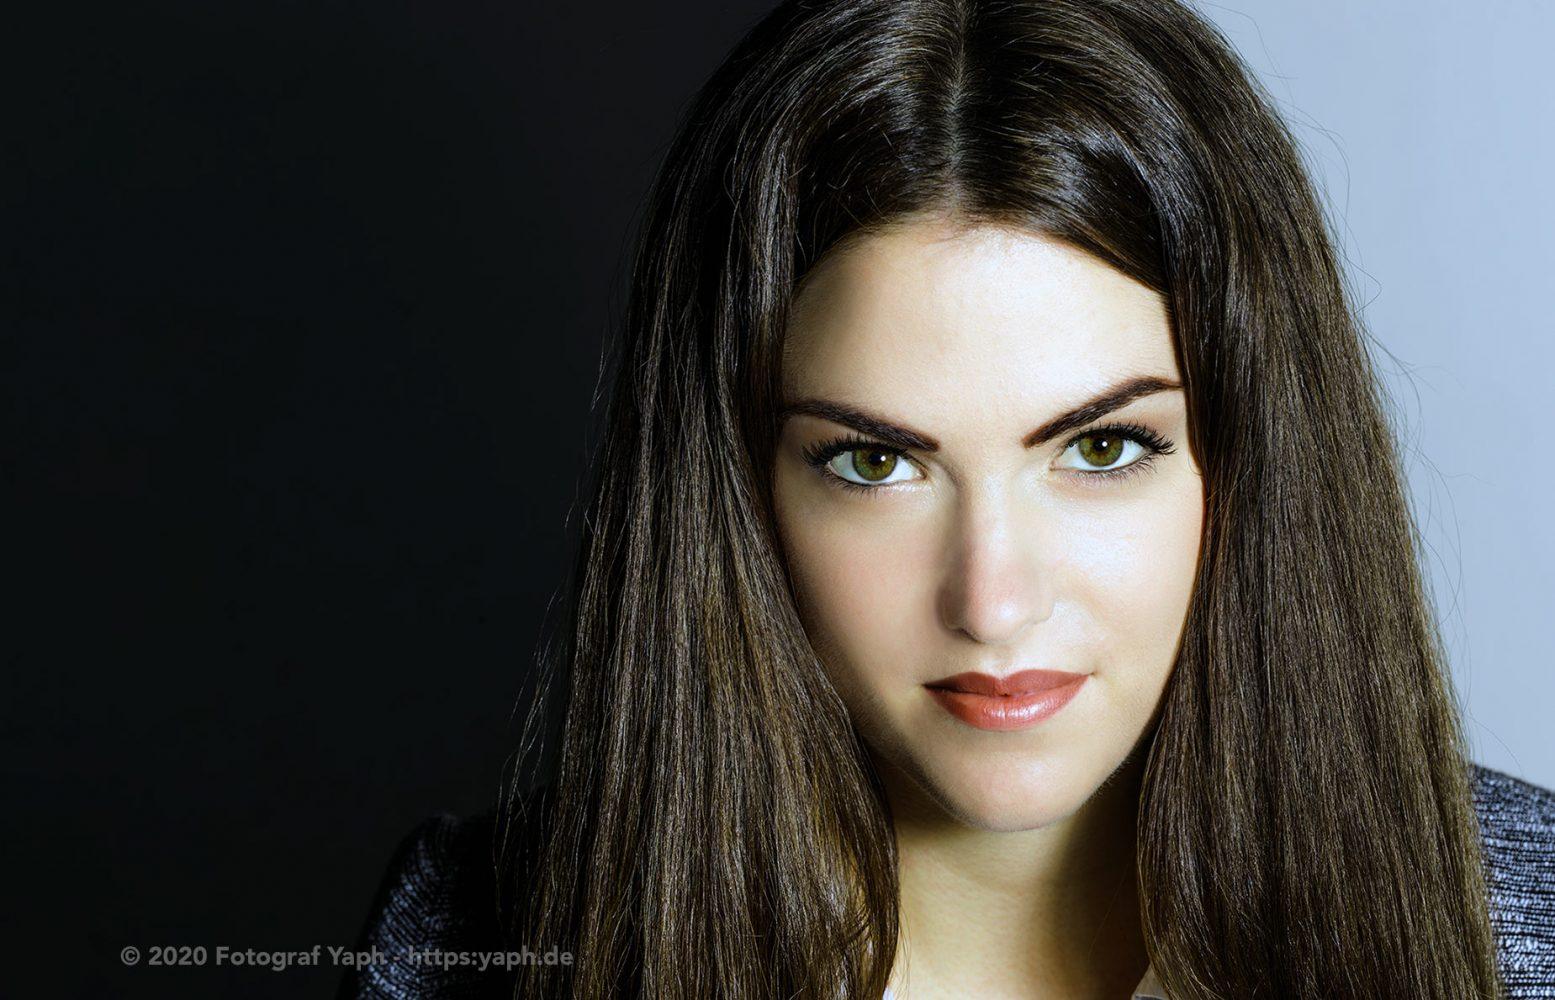 Beauty Portraits - Yaph - Fotograf Trier - Leah